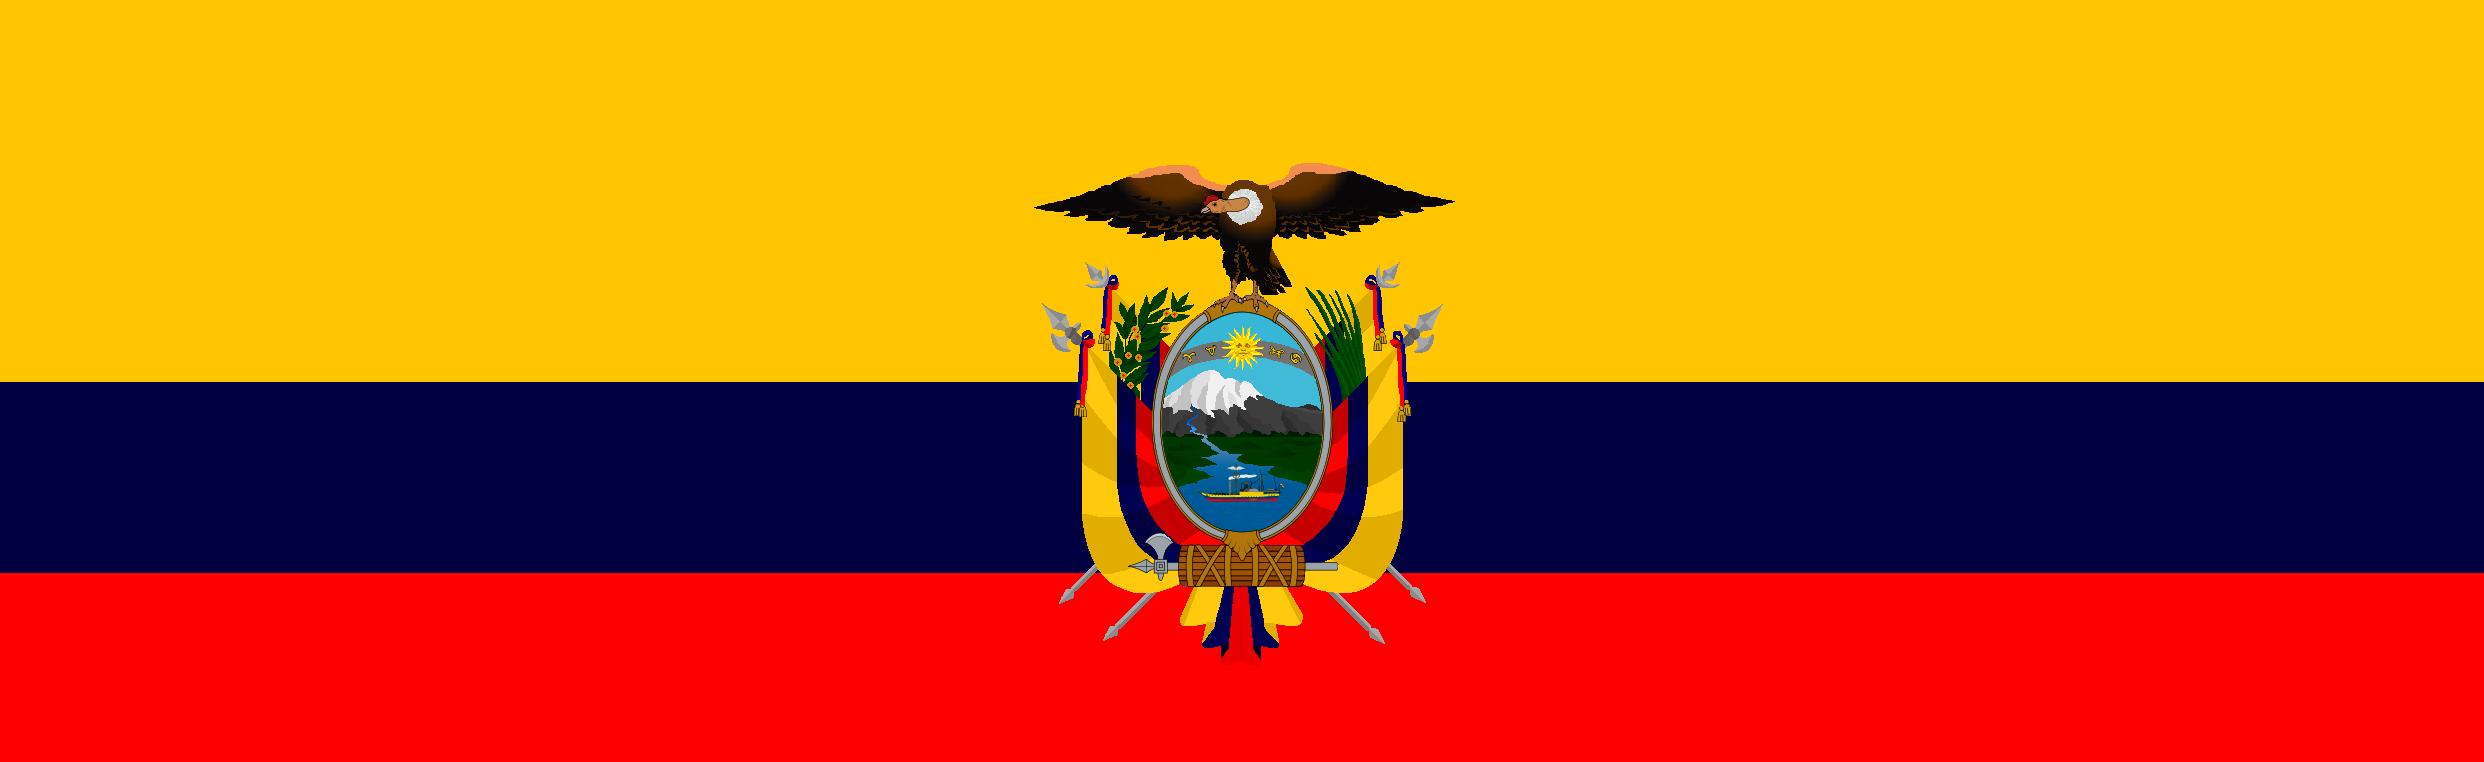 File:Bandera de la Republica del Ecuador.png.